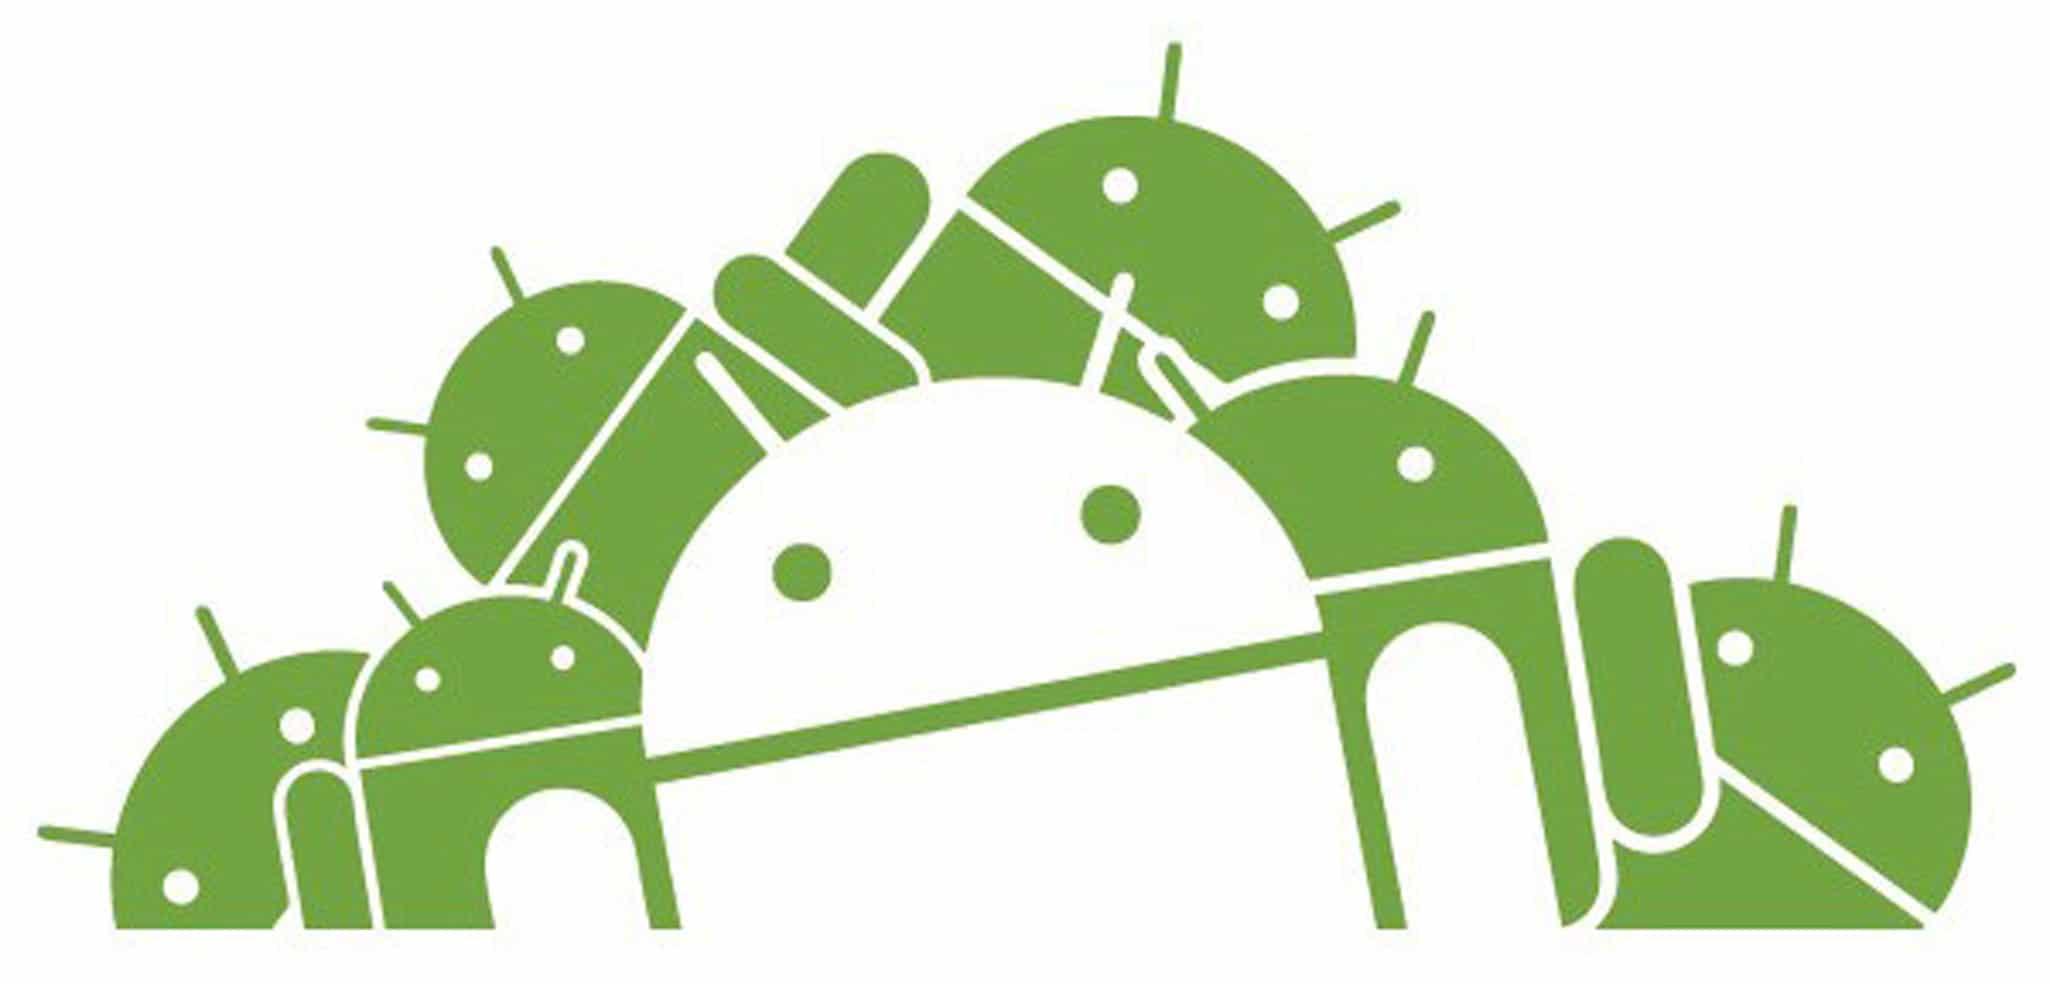 Cómo hacer un backup de Android: mejores aplicaciones